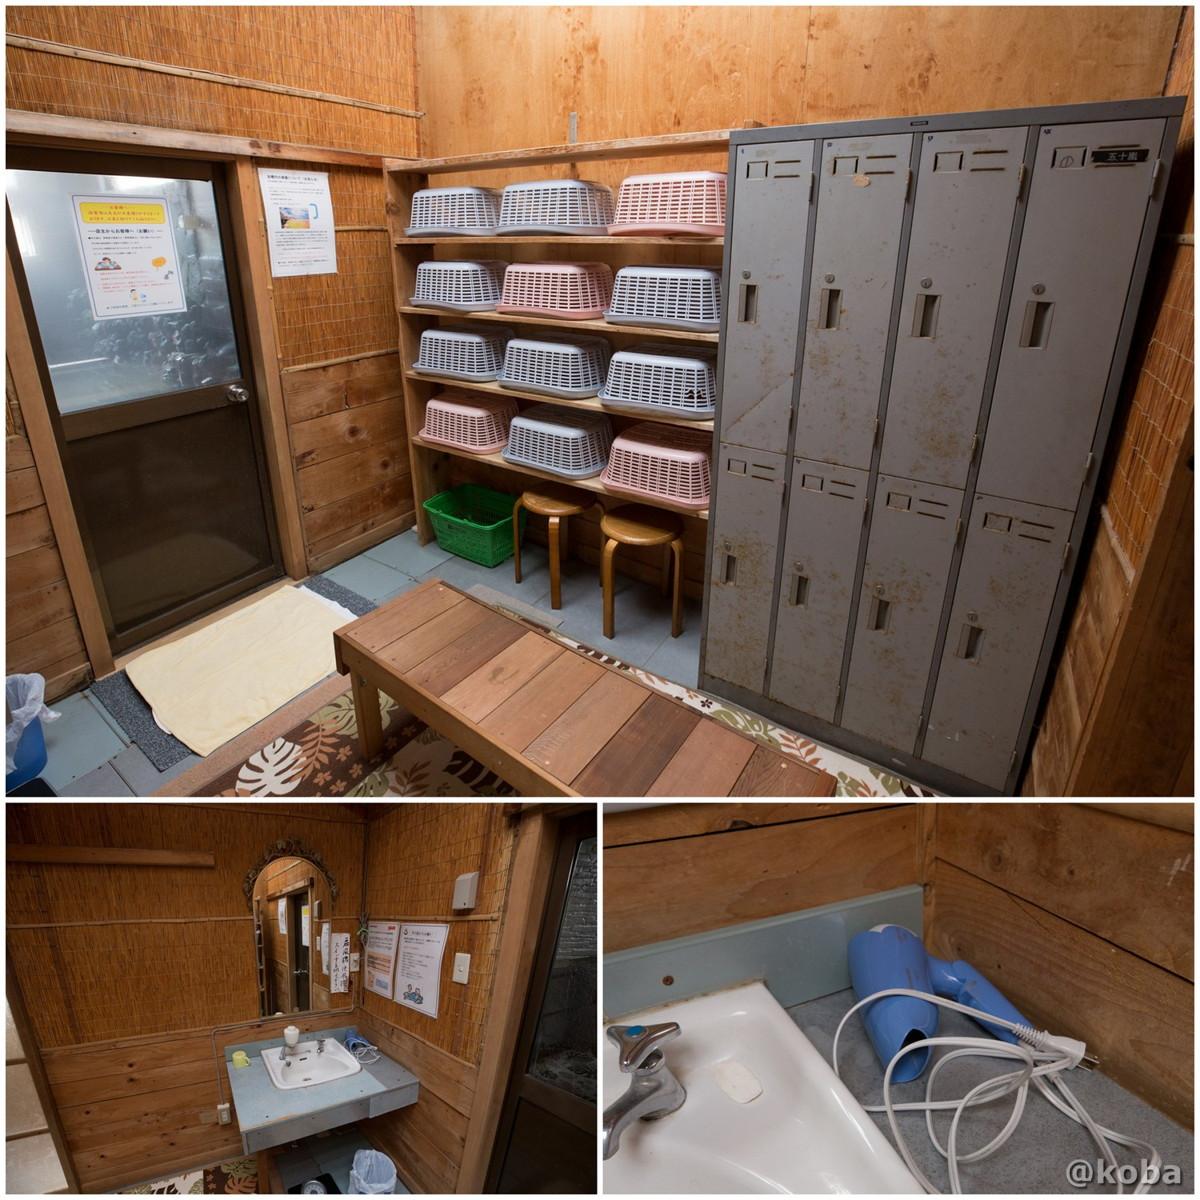 脱衣場・ドライアーの写真|八千代温泉 芹の湯|日帰り入浴|群馬県